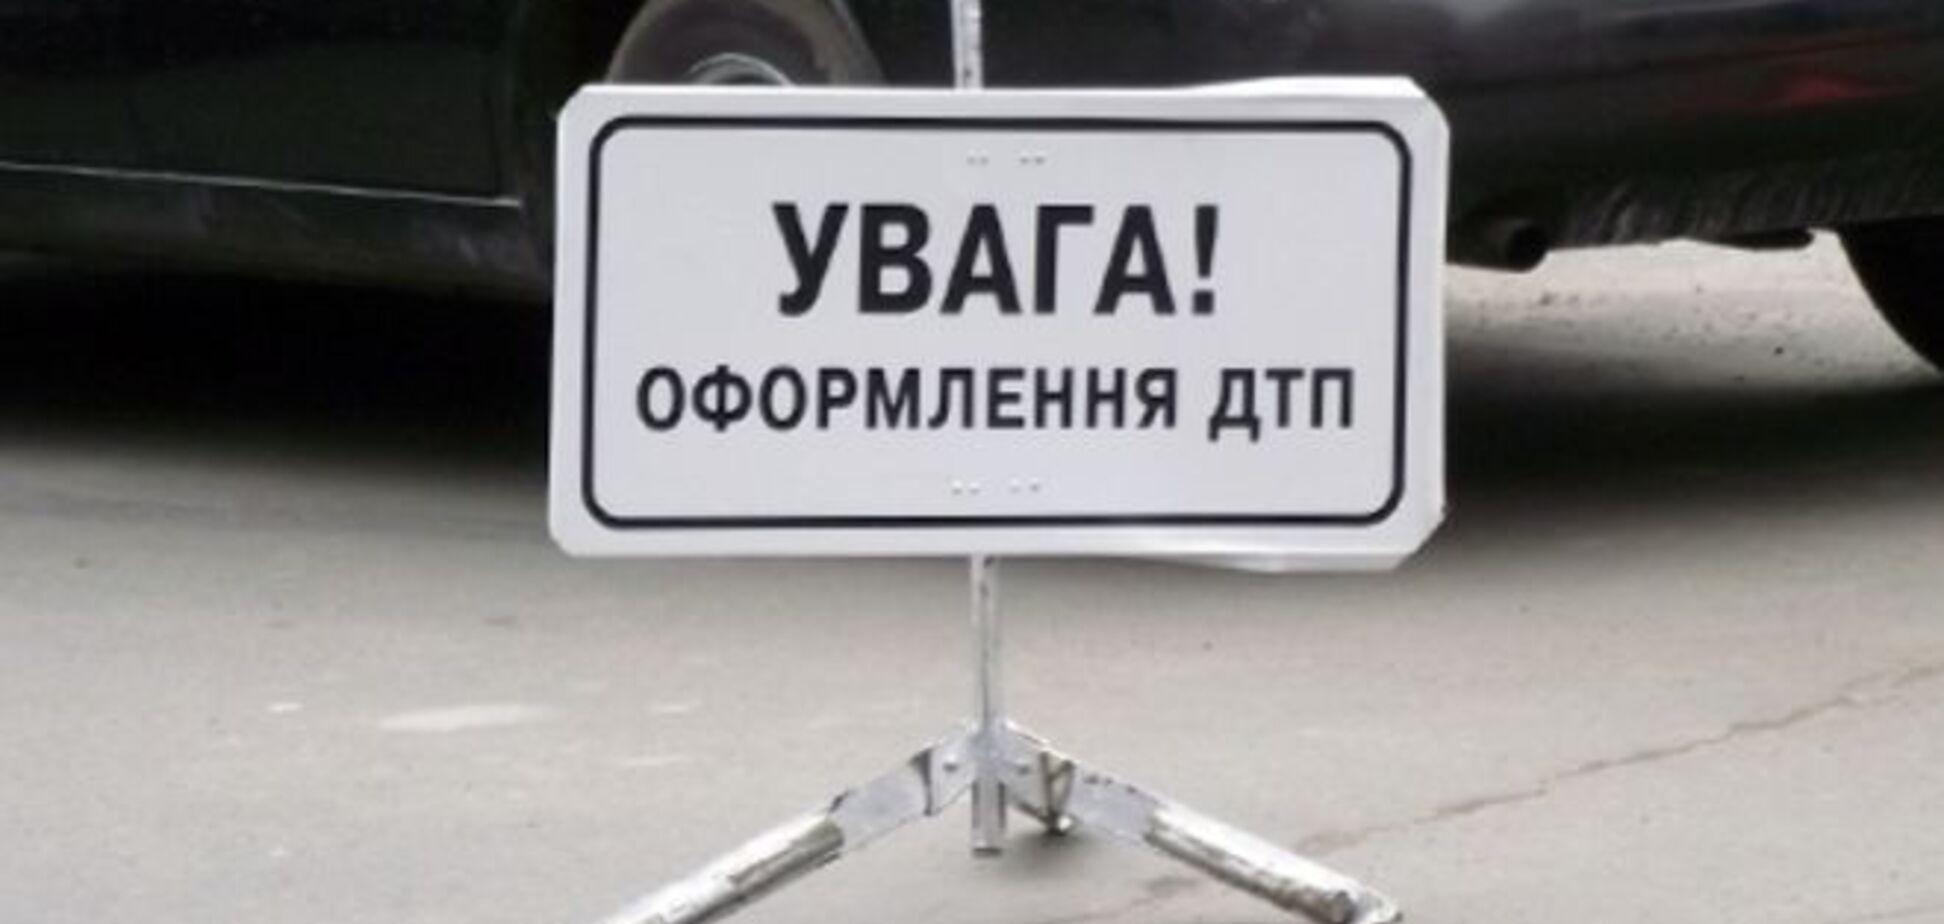 Названі найпоширеніші причини ДТП в Києві: інфографіка